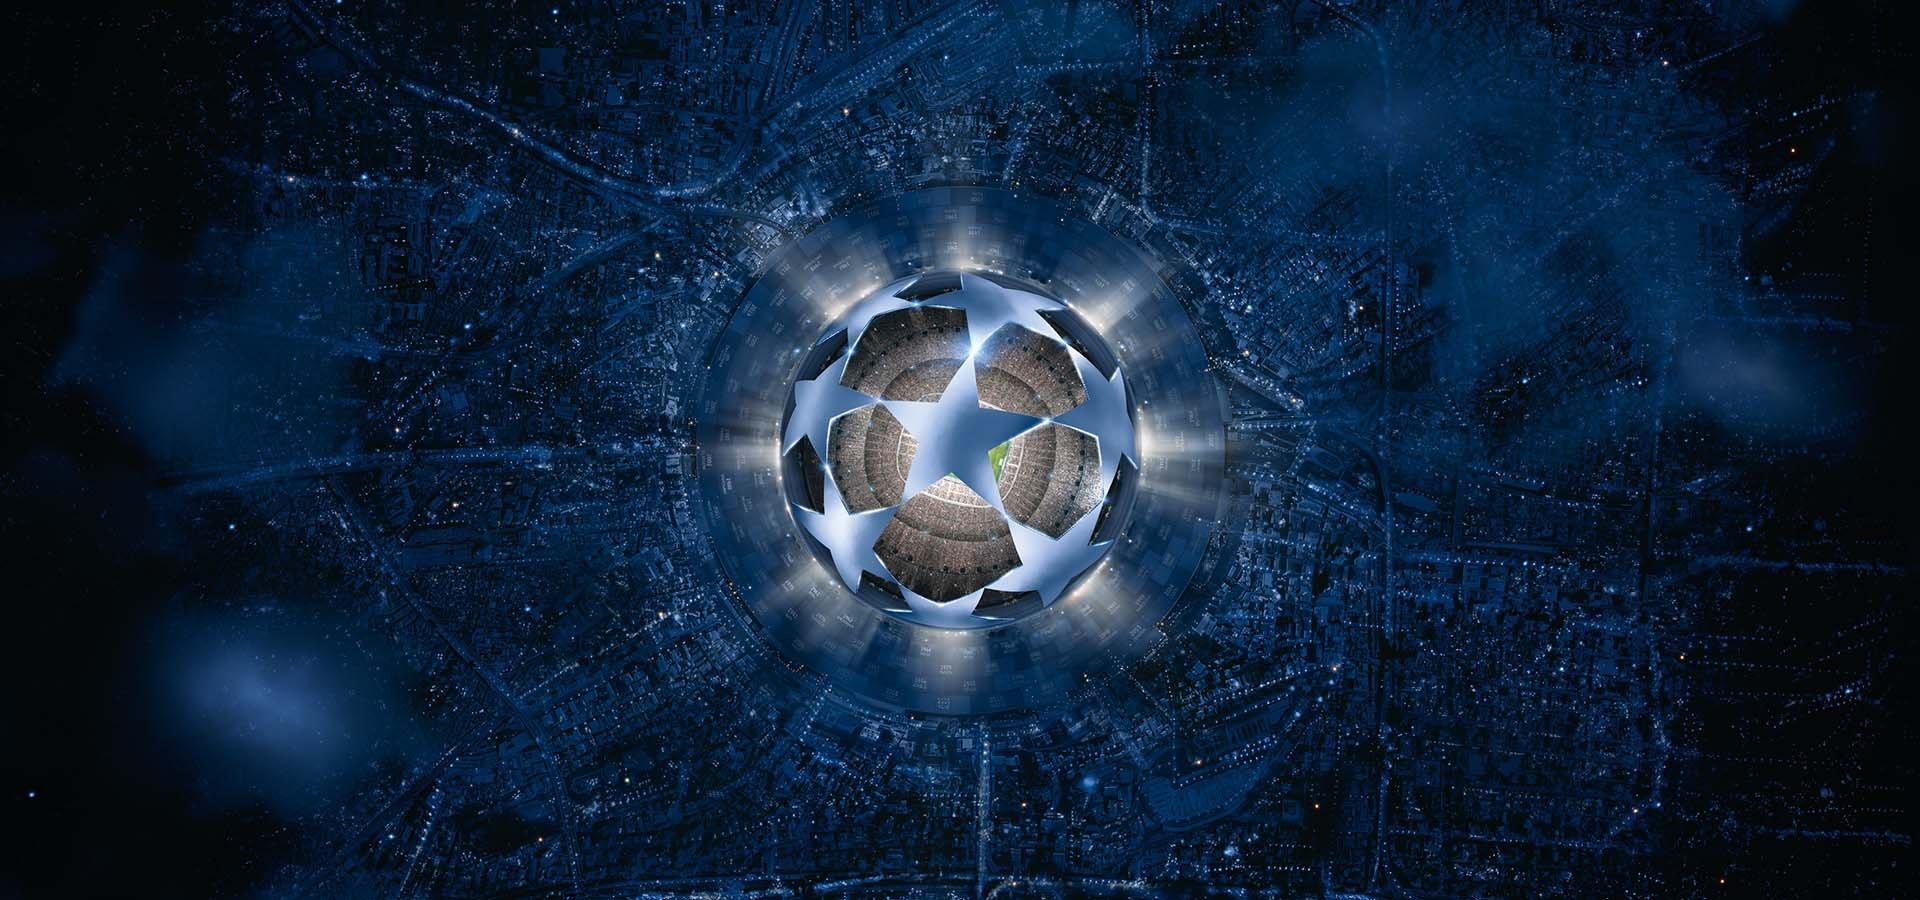 Şampiyonlar Ligi'nde en çok gol atan oyuncular